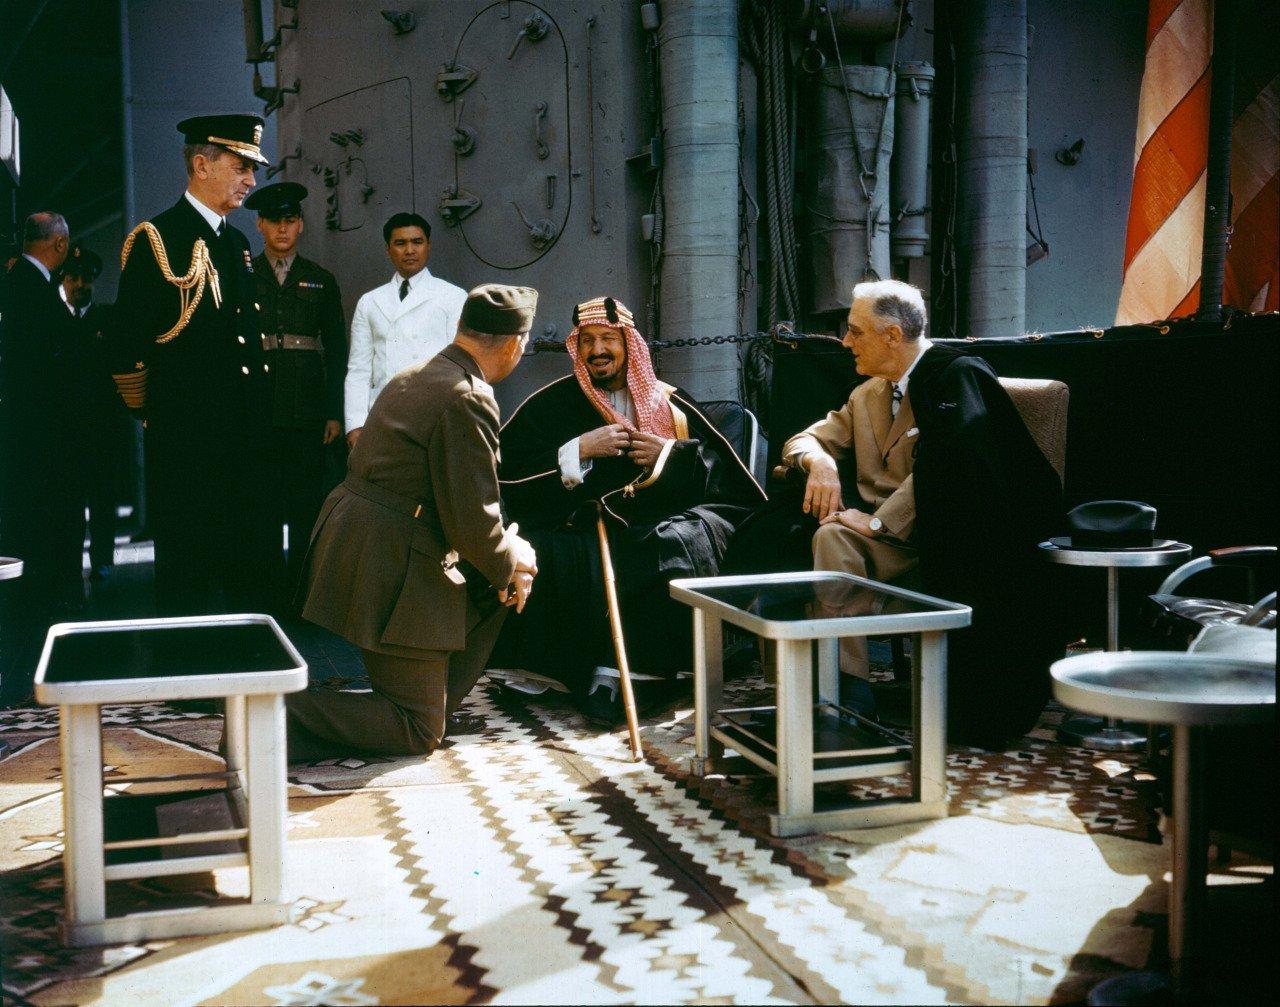 De l'Arabie pré-saoudite, 3ème partie